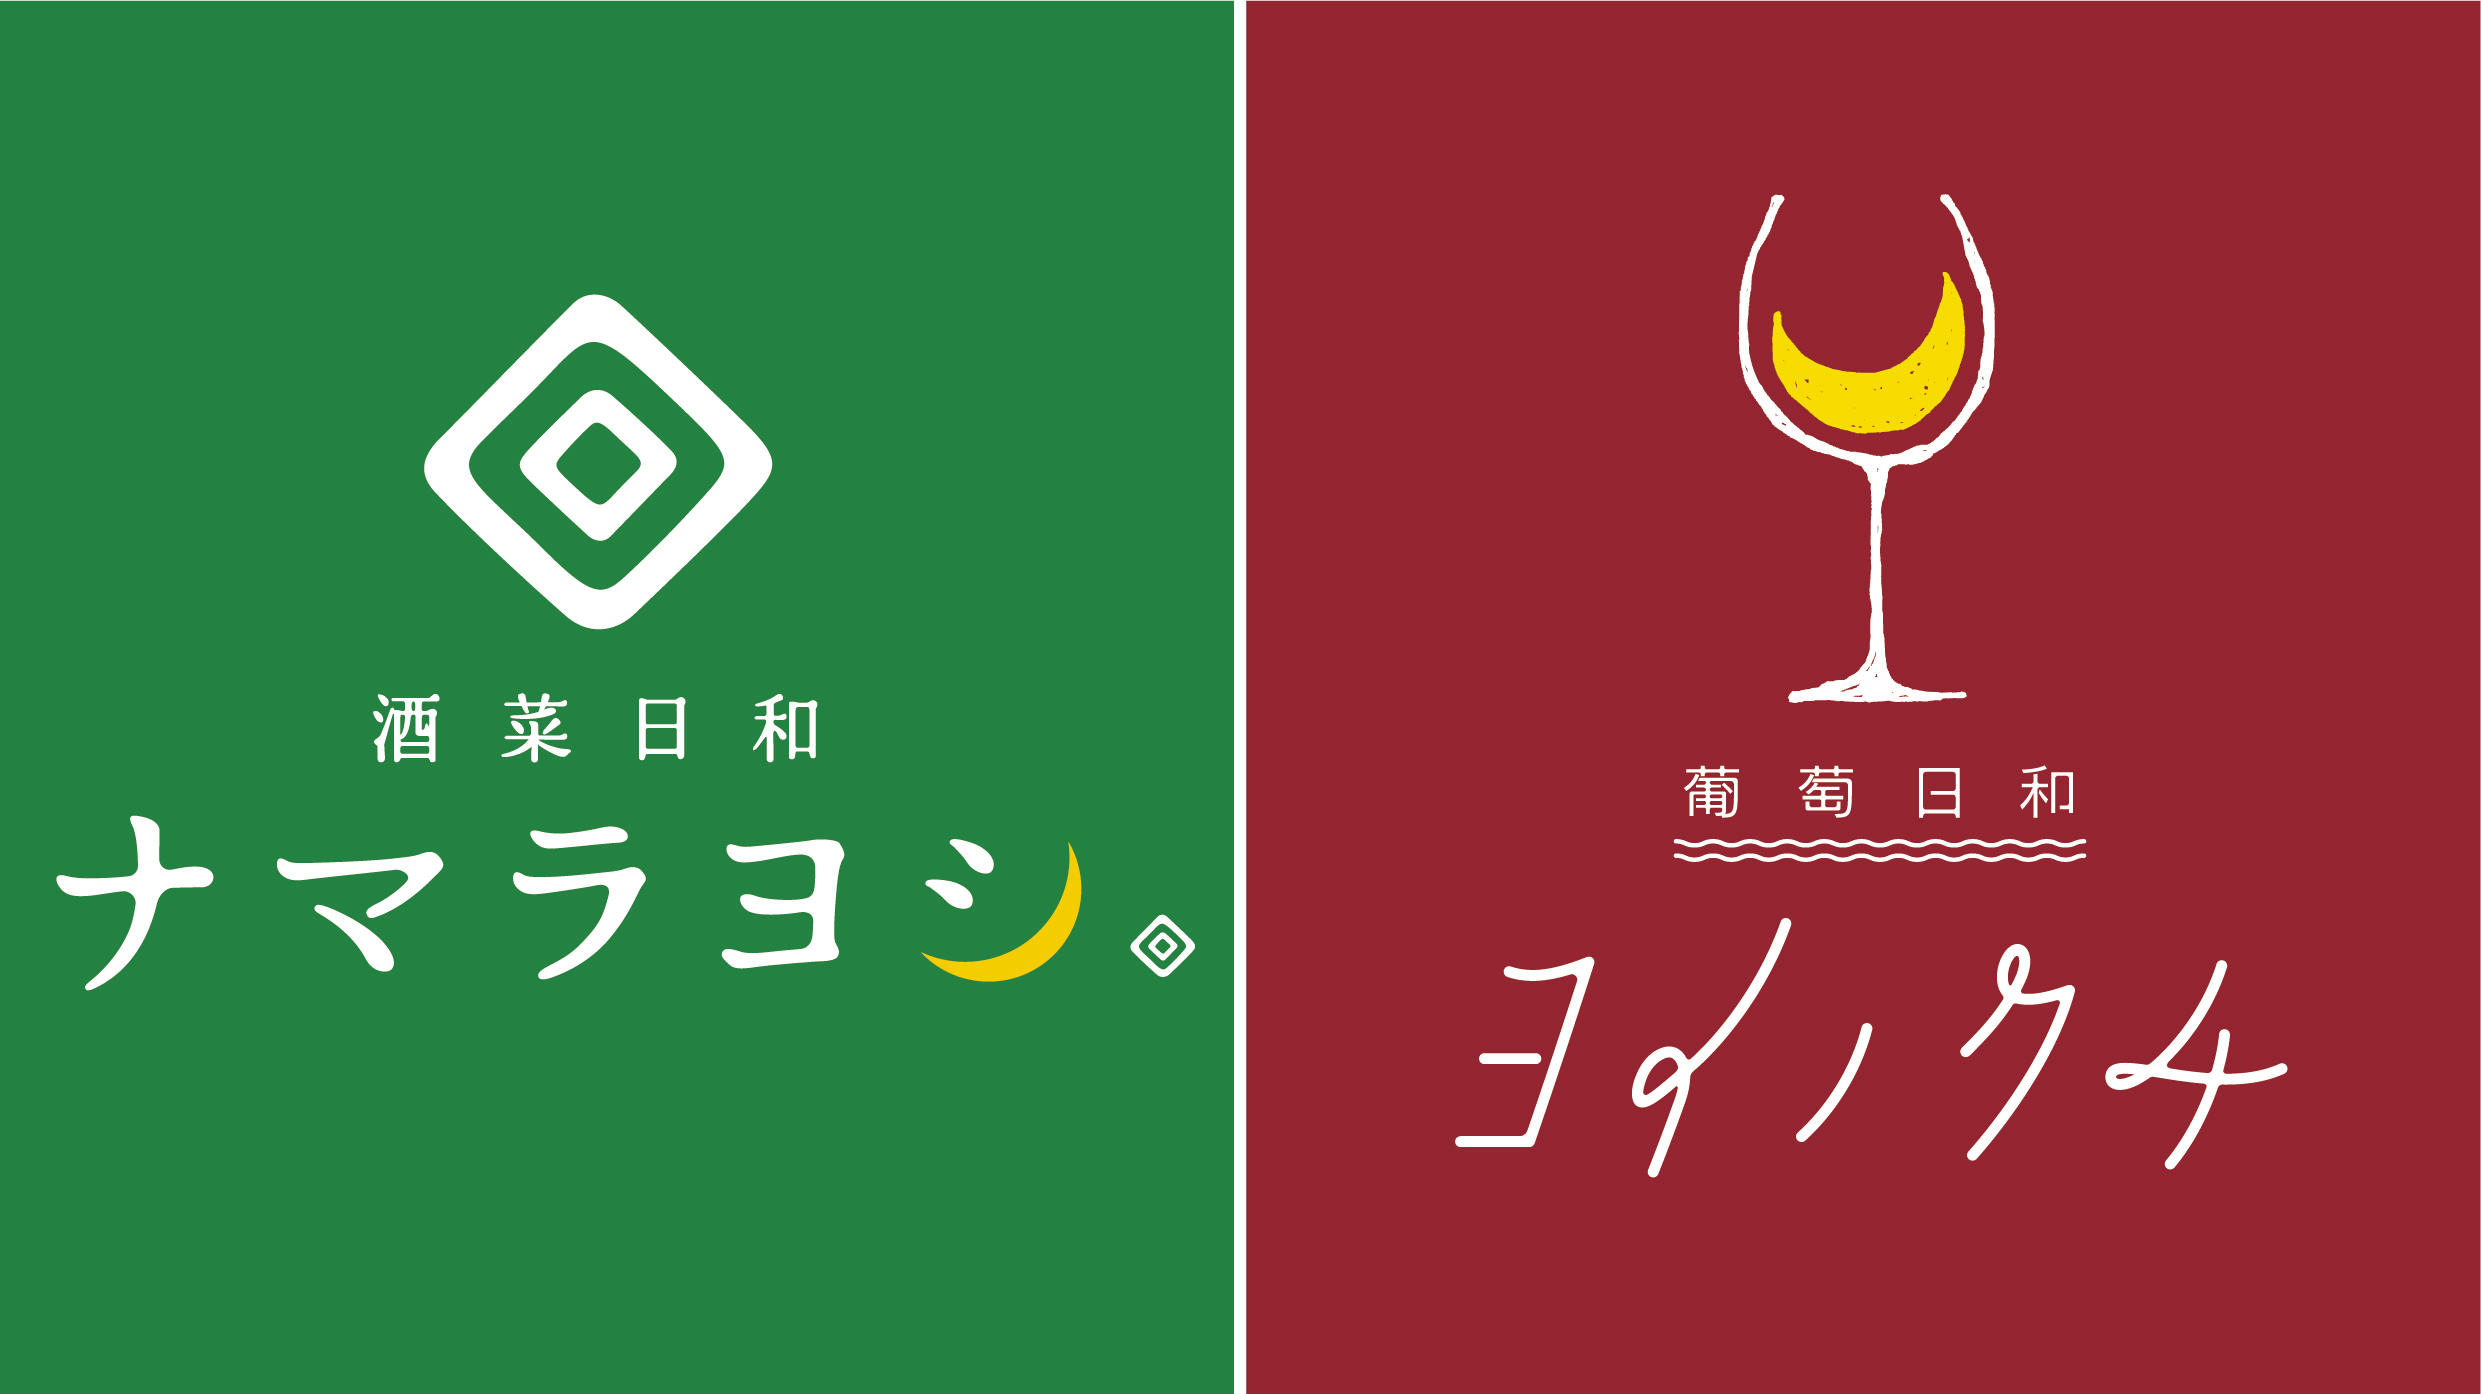 2020.1.6札幌駅東口 【酒菜日和 ナマラヨシ】&【葡萄日和 ヨイノクチ】2店同時オープン!